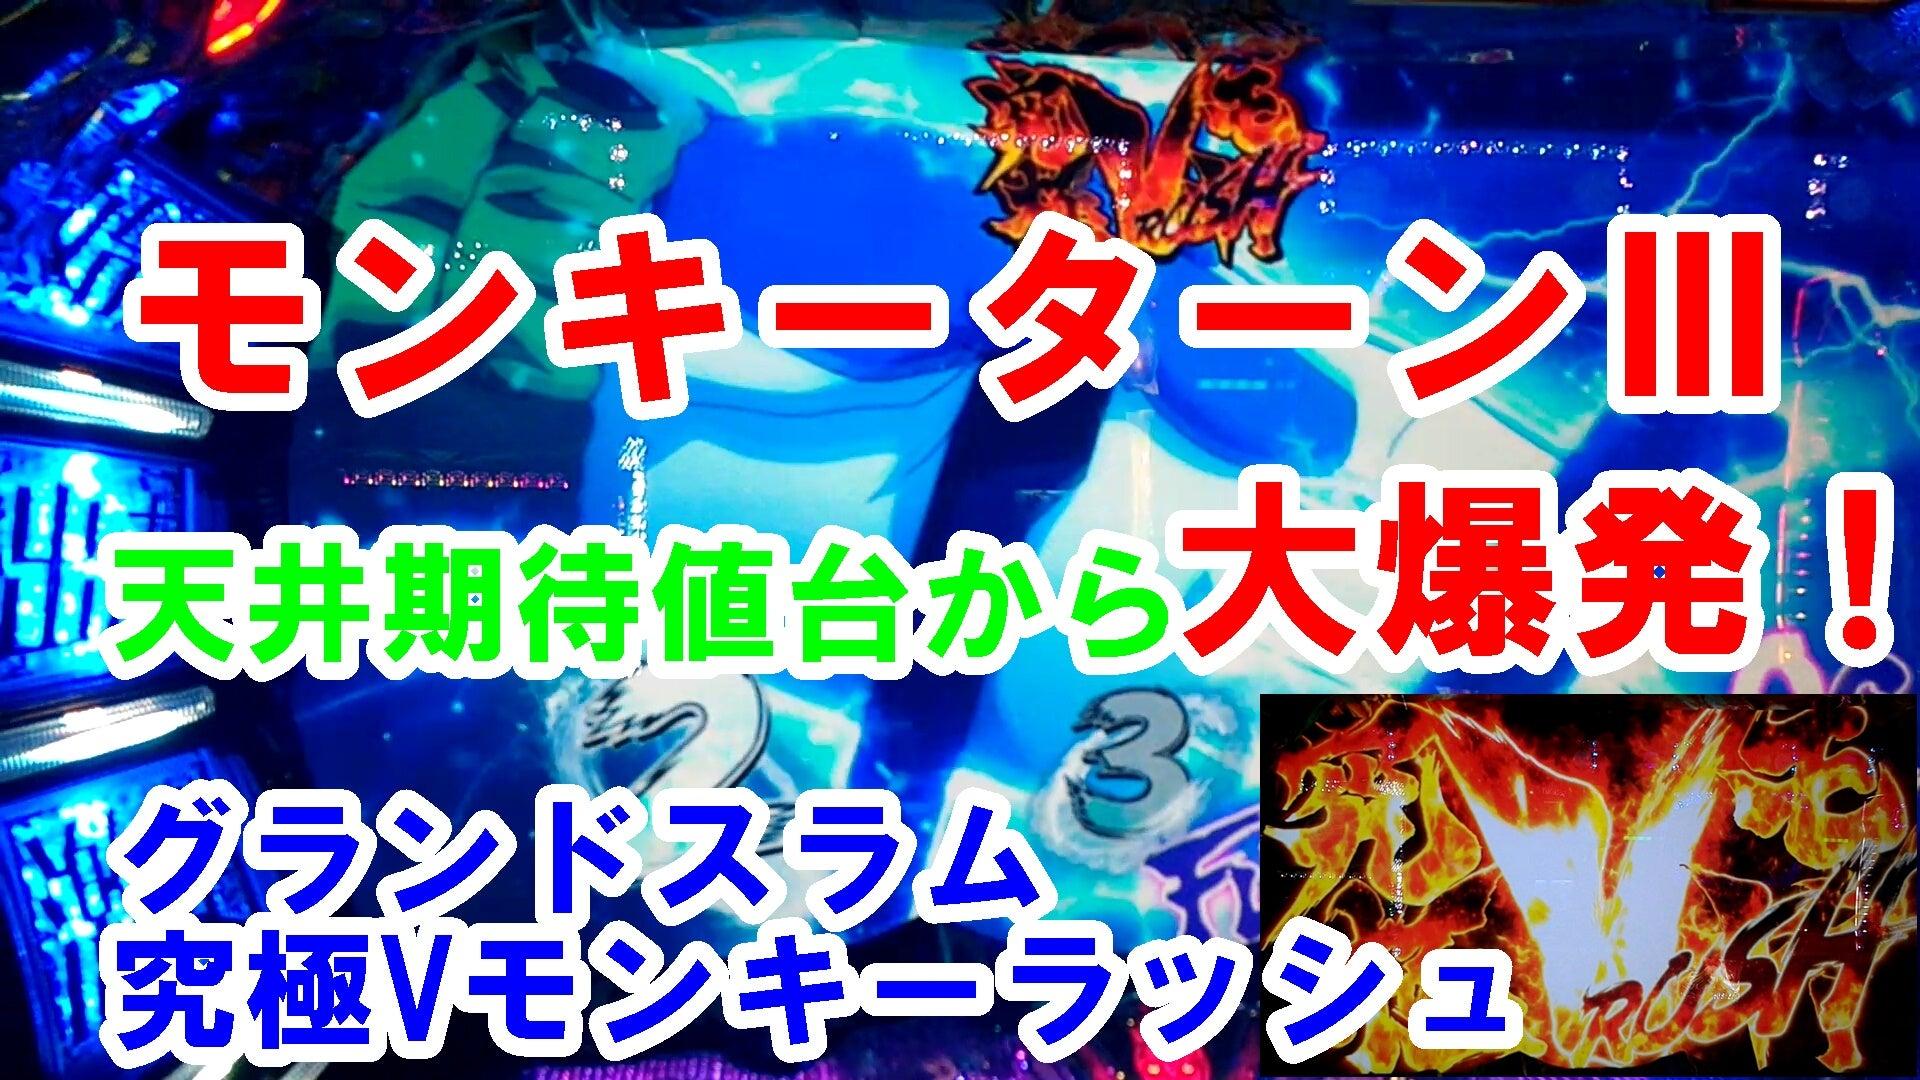 天井 モンキー ターン 恩恵 4